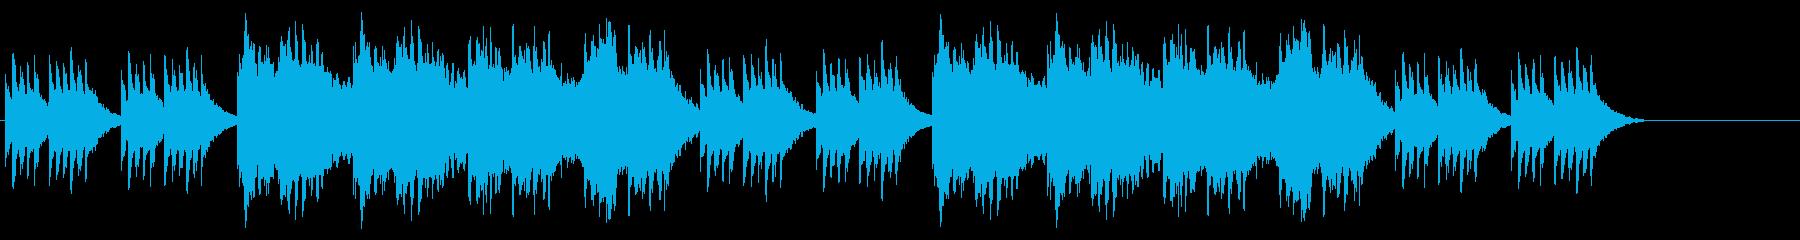 寂しいバラードの再生済みの波形